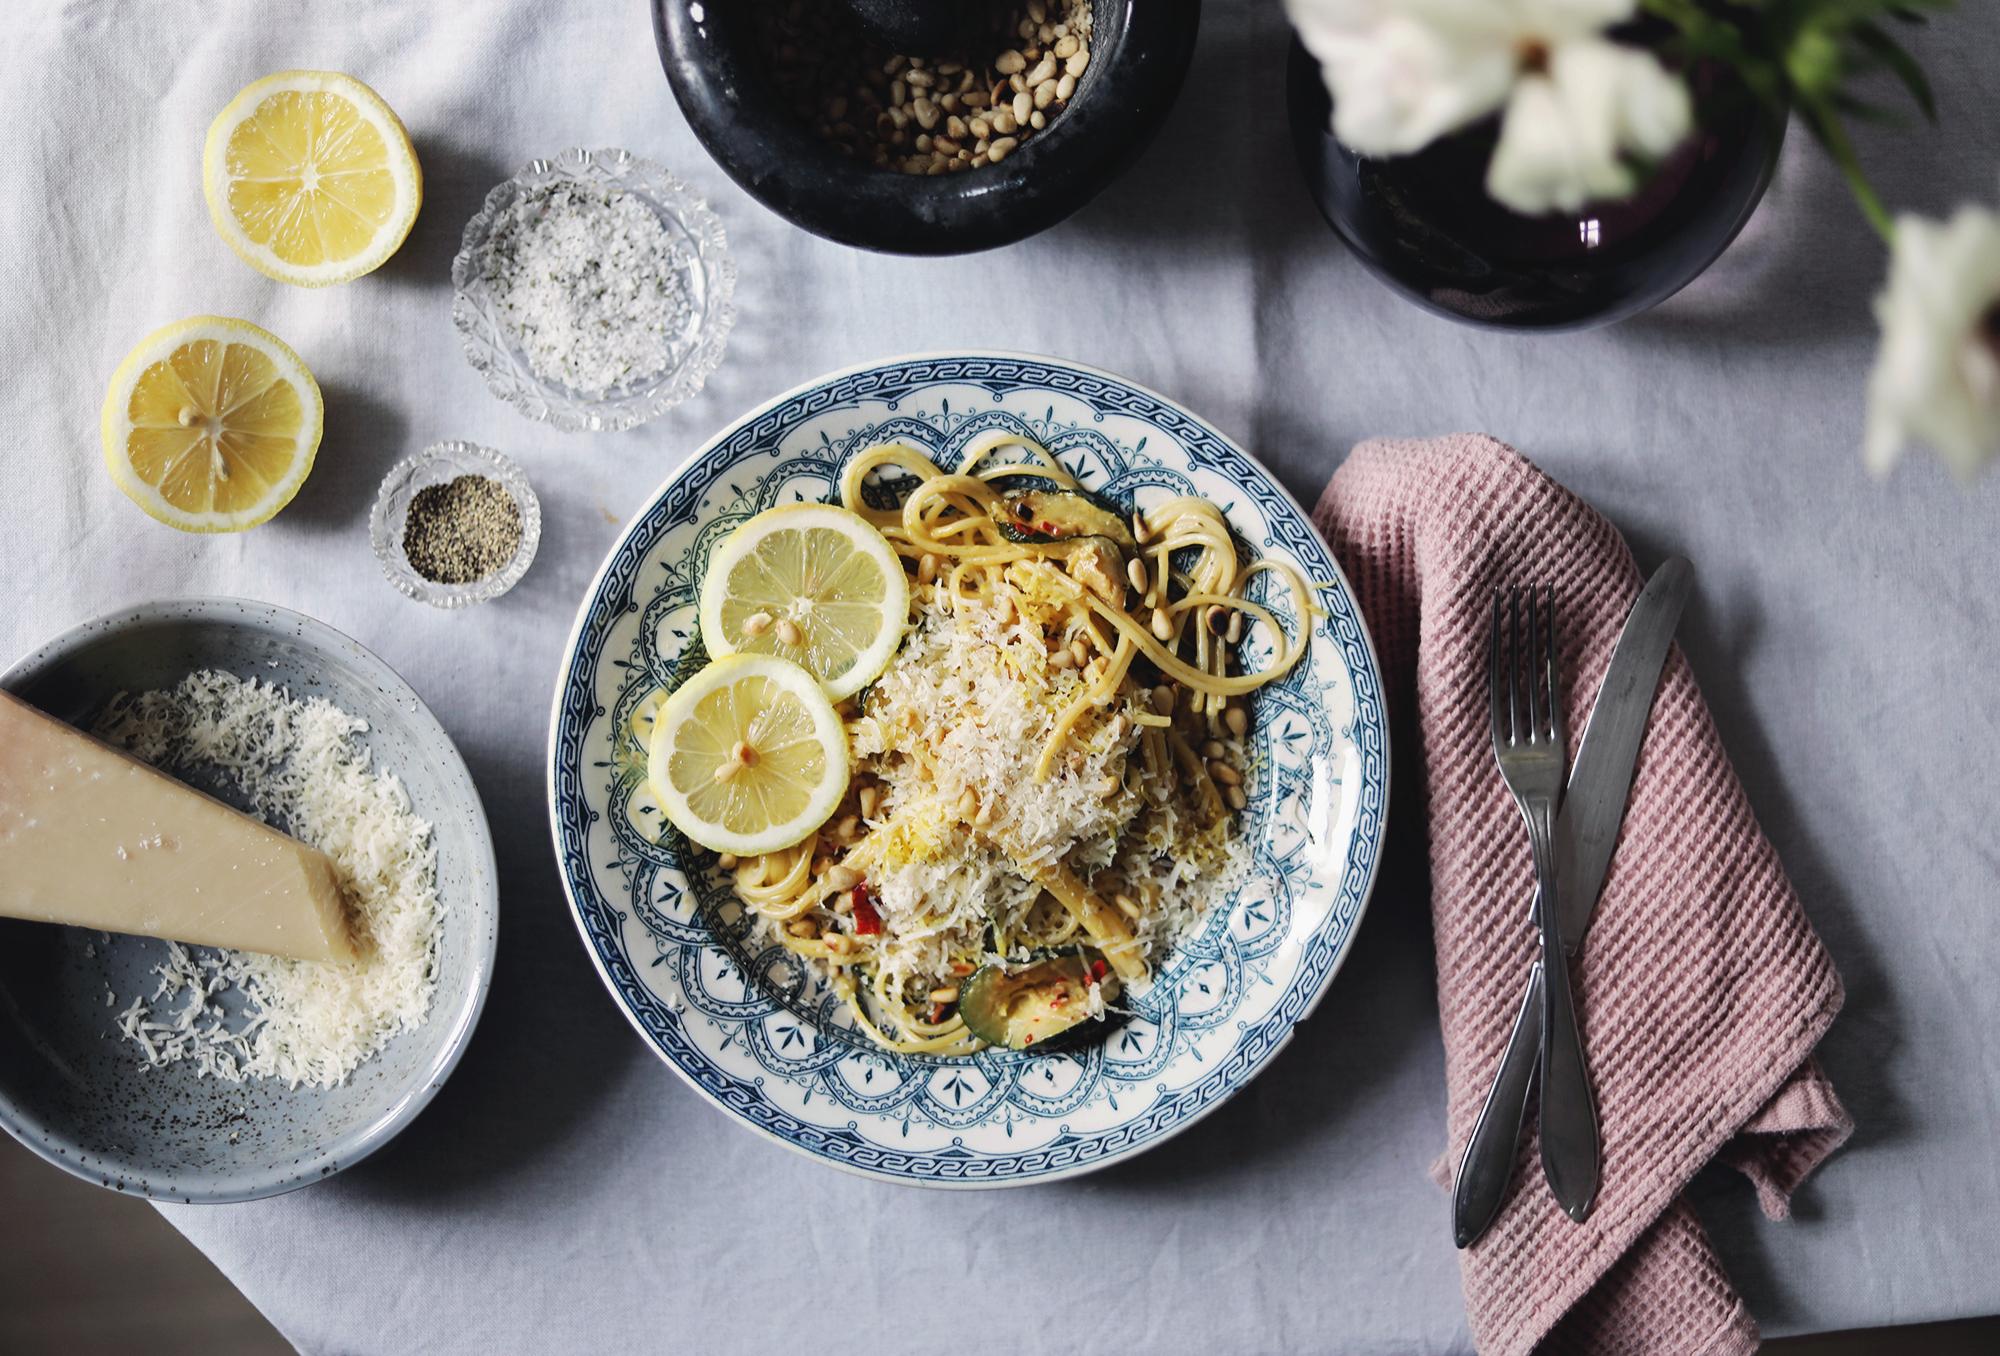 vegetariskt recept pasta enkelt middag chili gryta citron